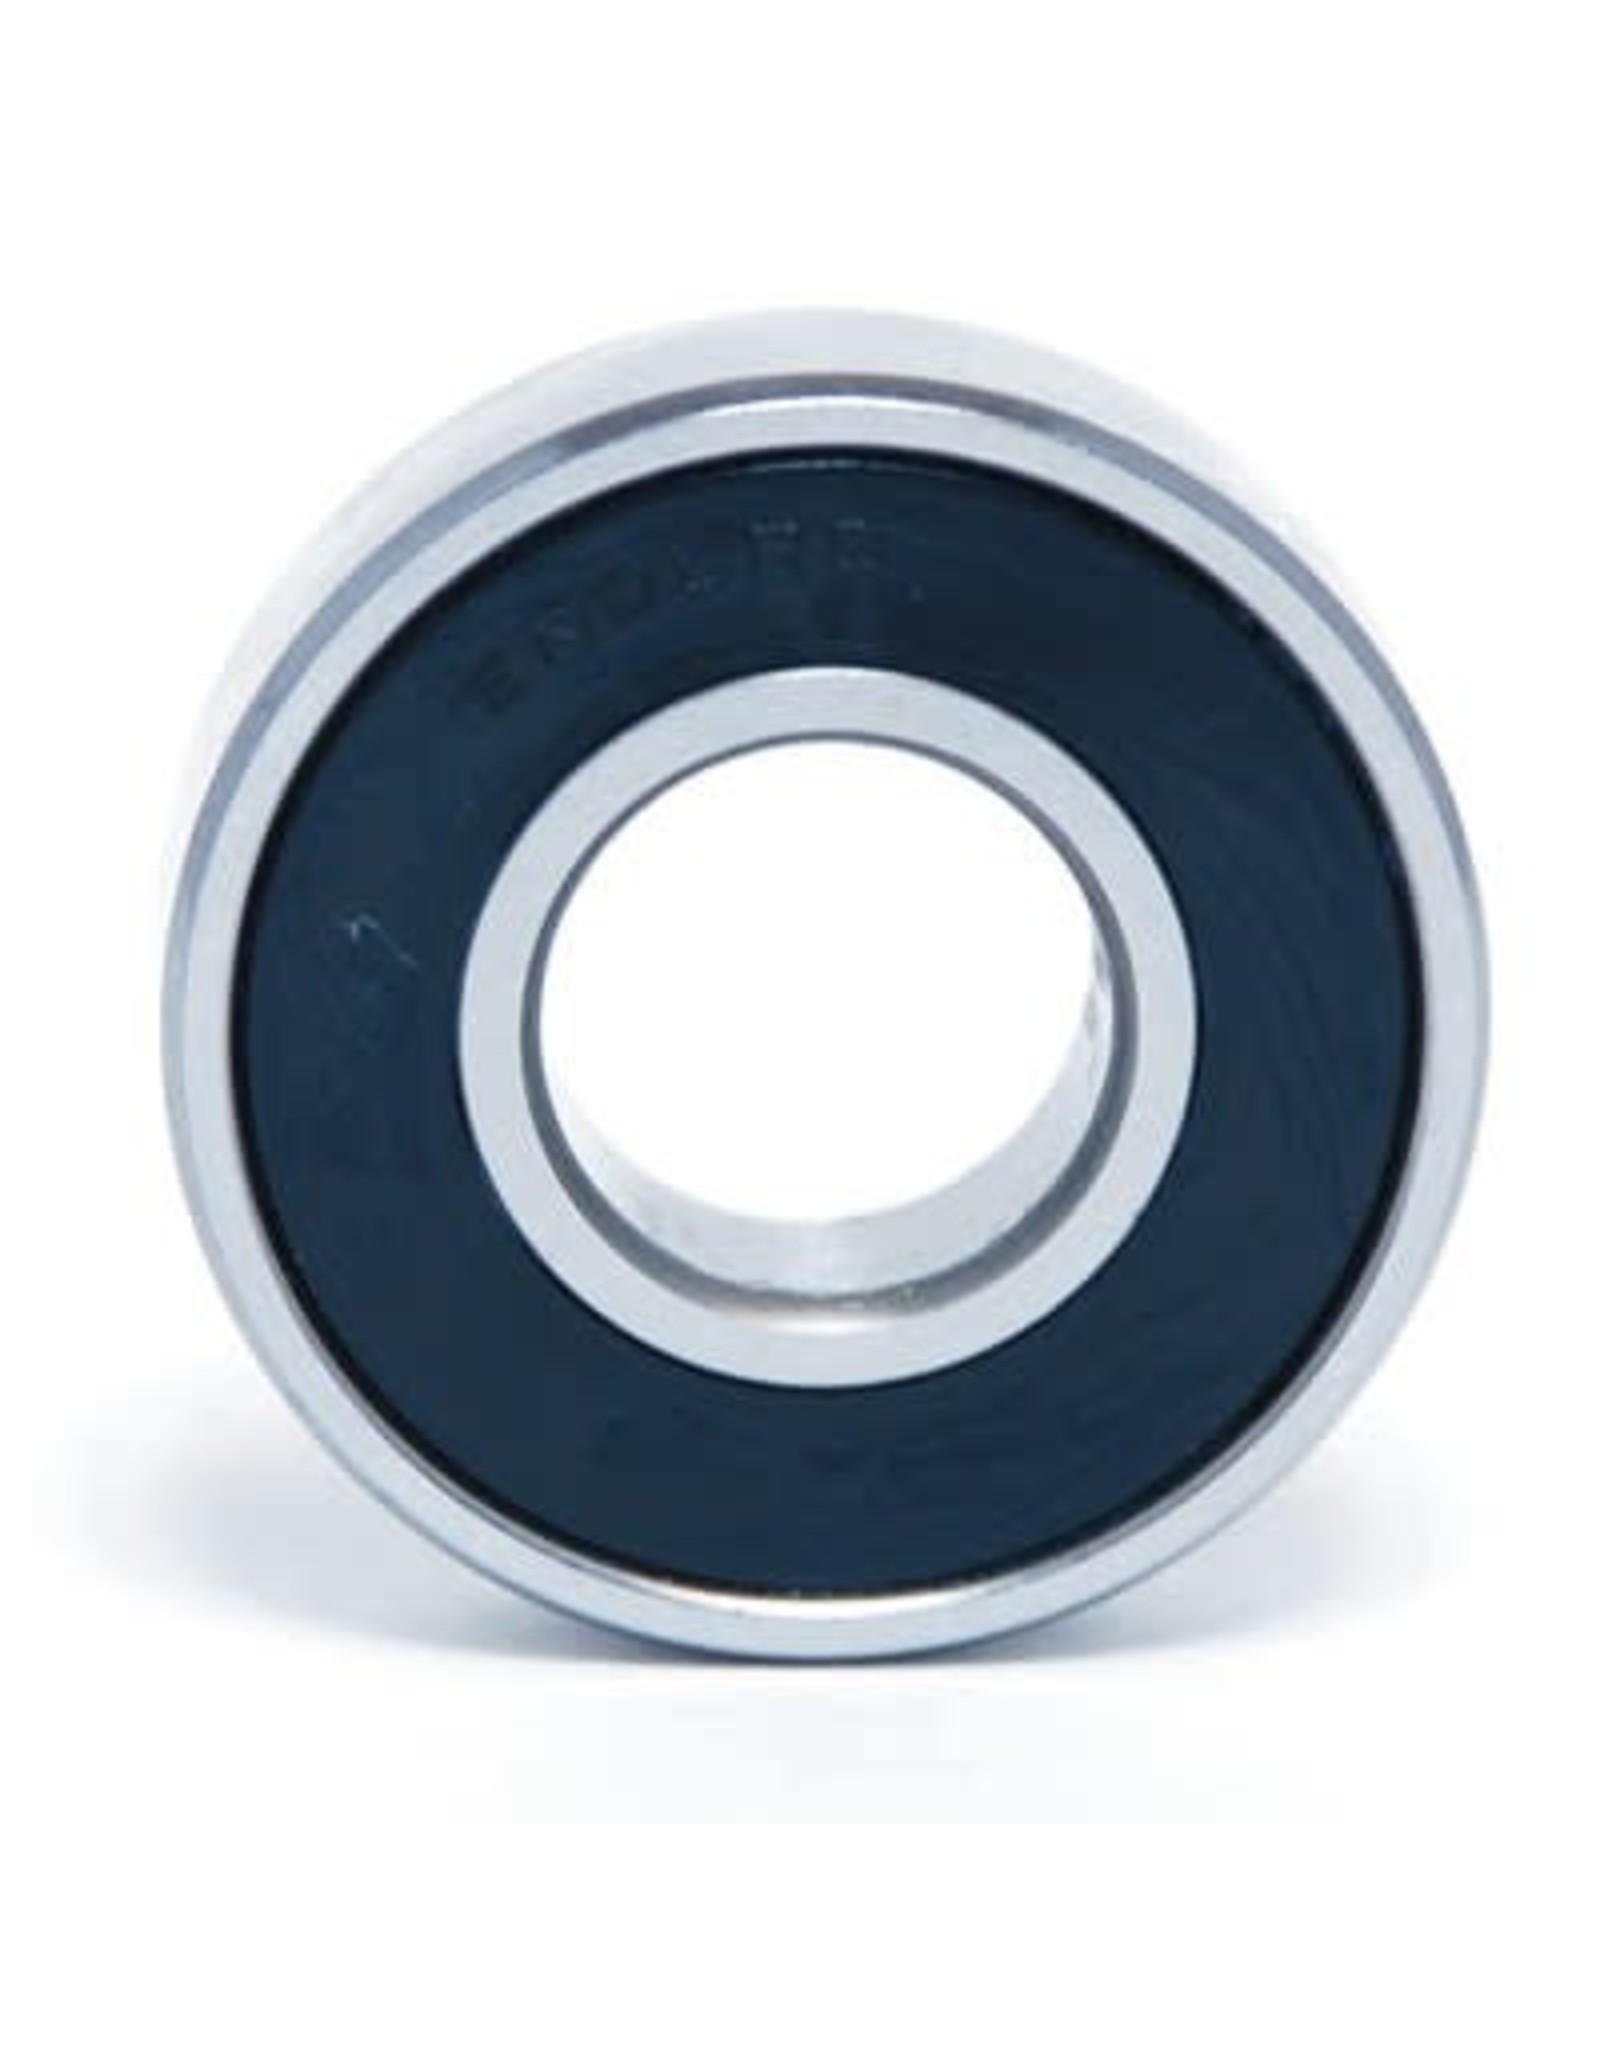 WHEELS MANUFACTURING Wheels Manufacturing Sealed Bearing 6001-2RS Pair